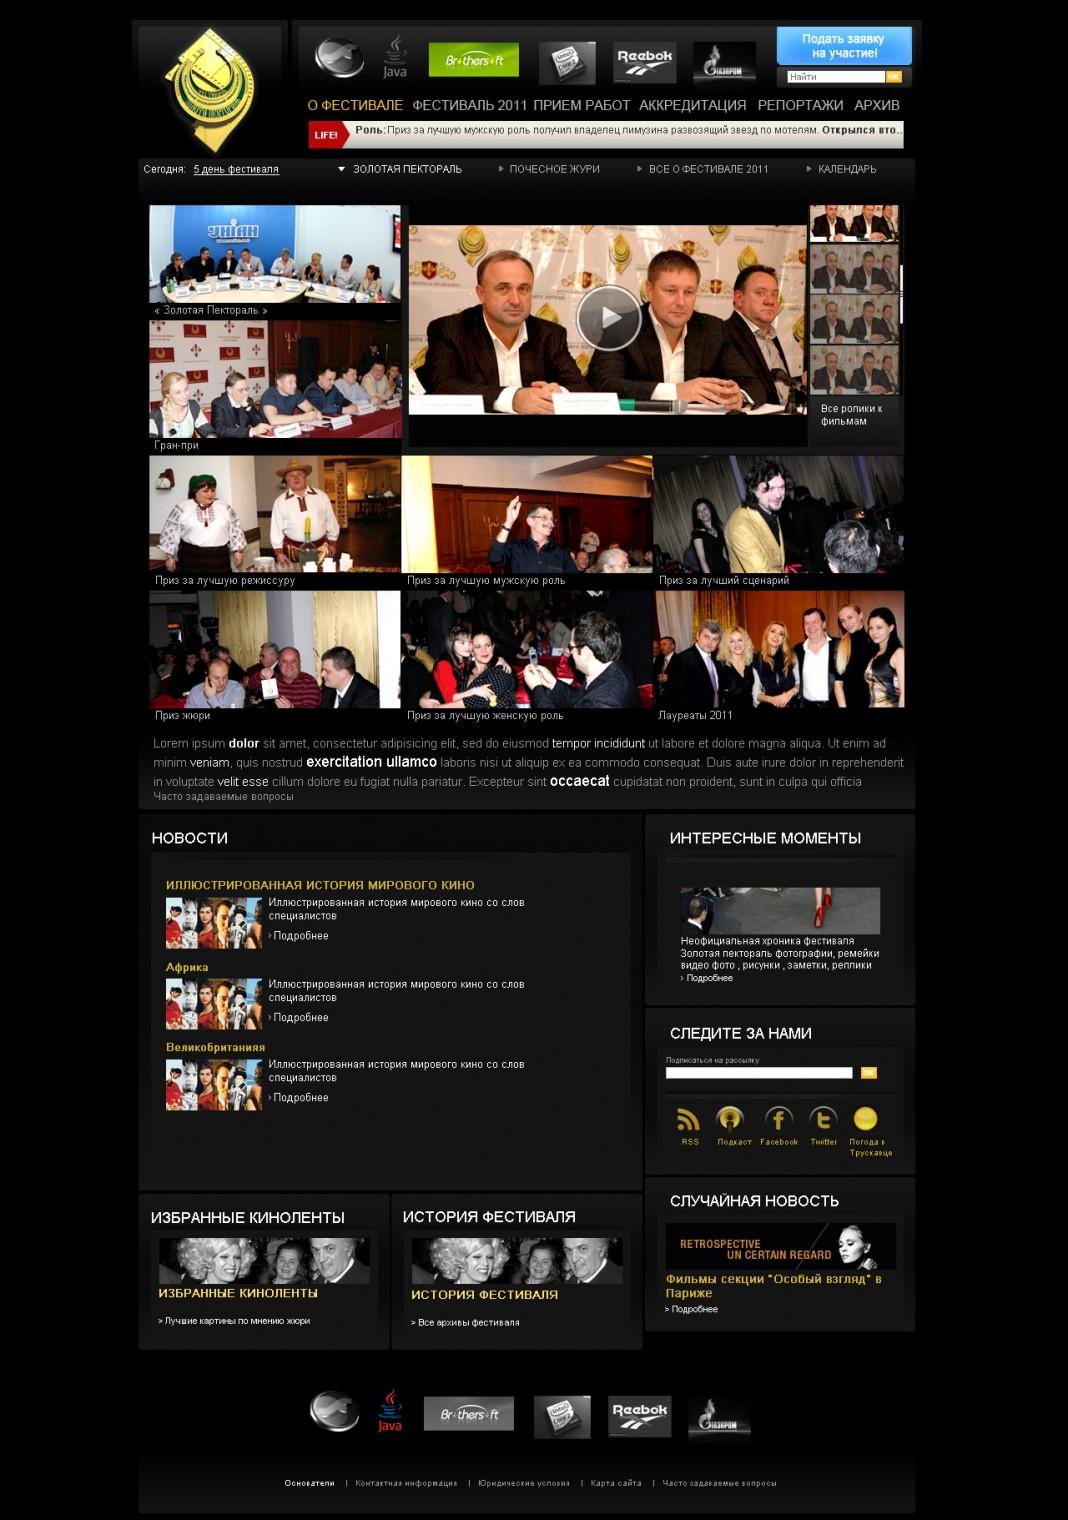 Создание сайта фестиваля